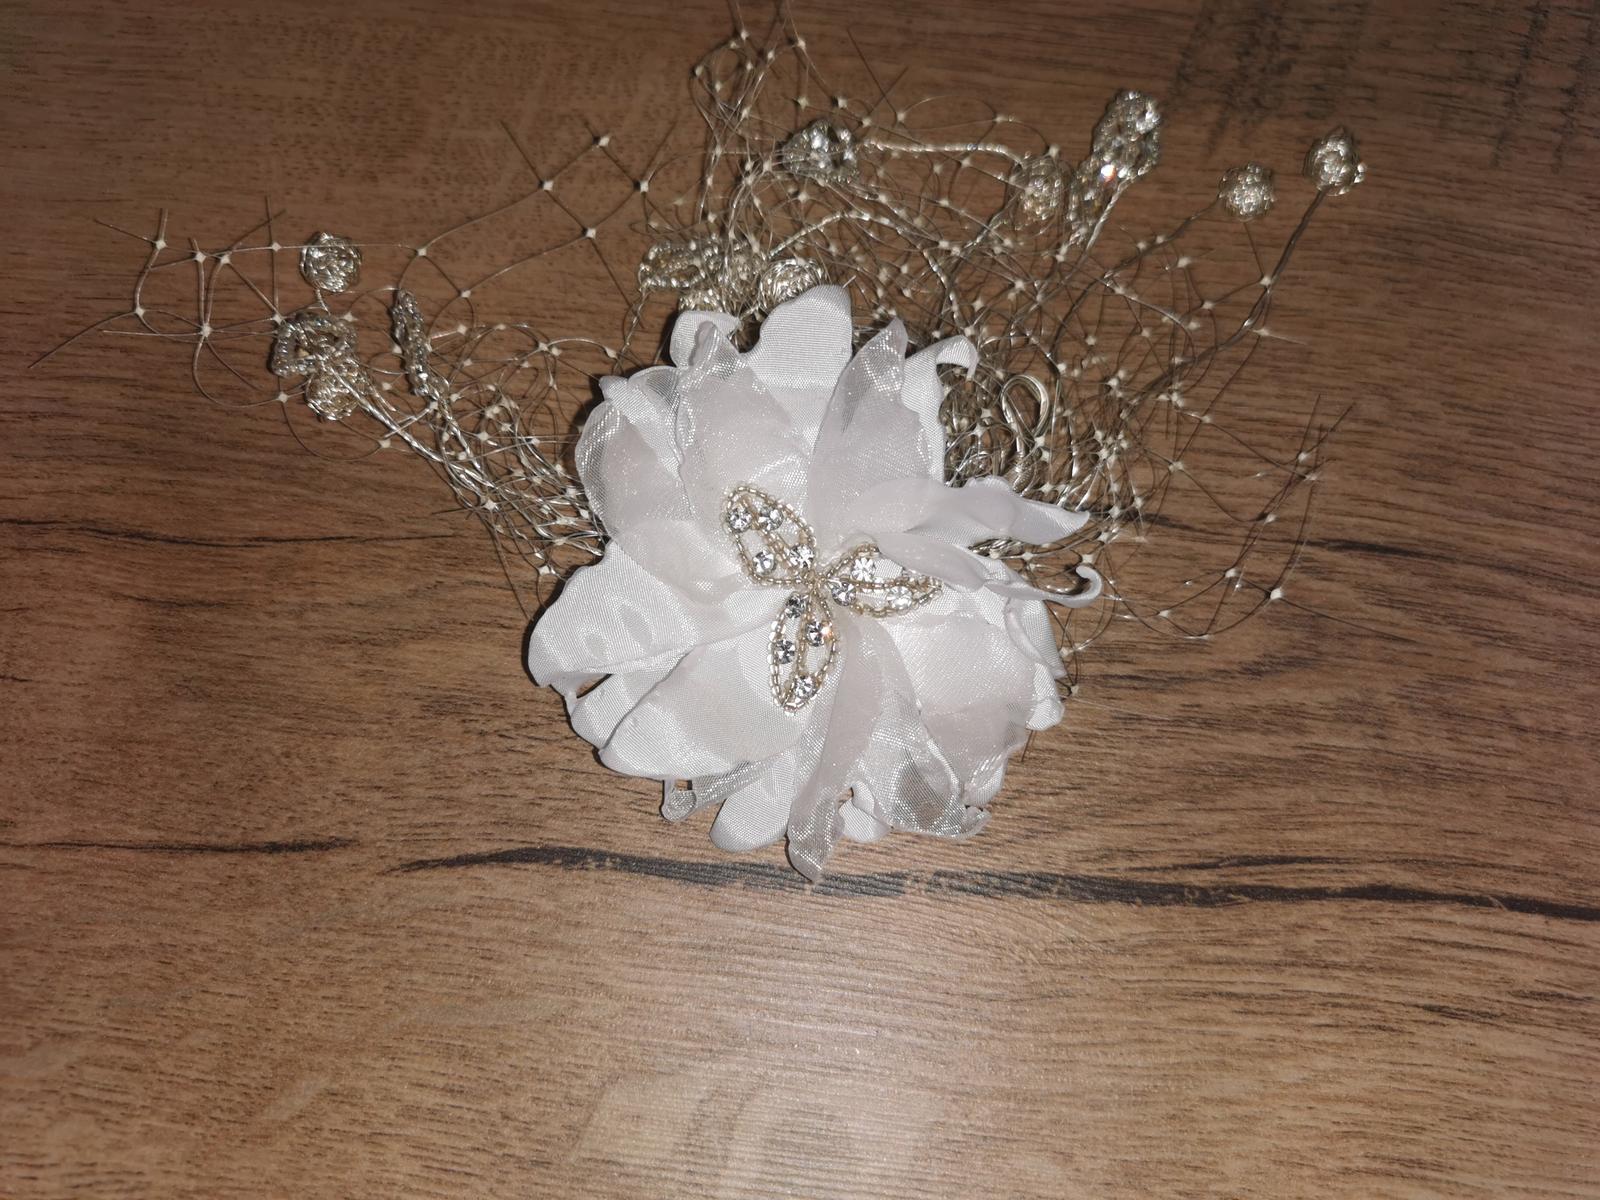 Kvetina na hrebienku - Obrázok č. 2